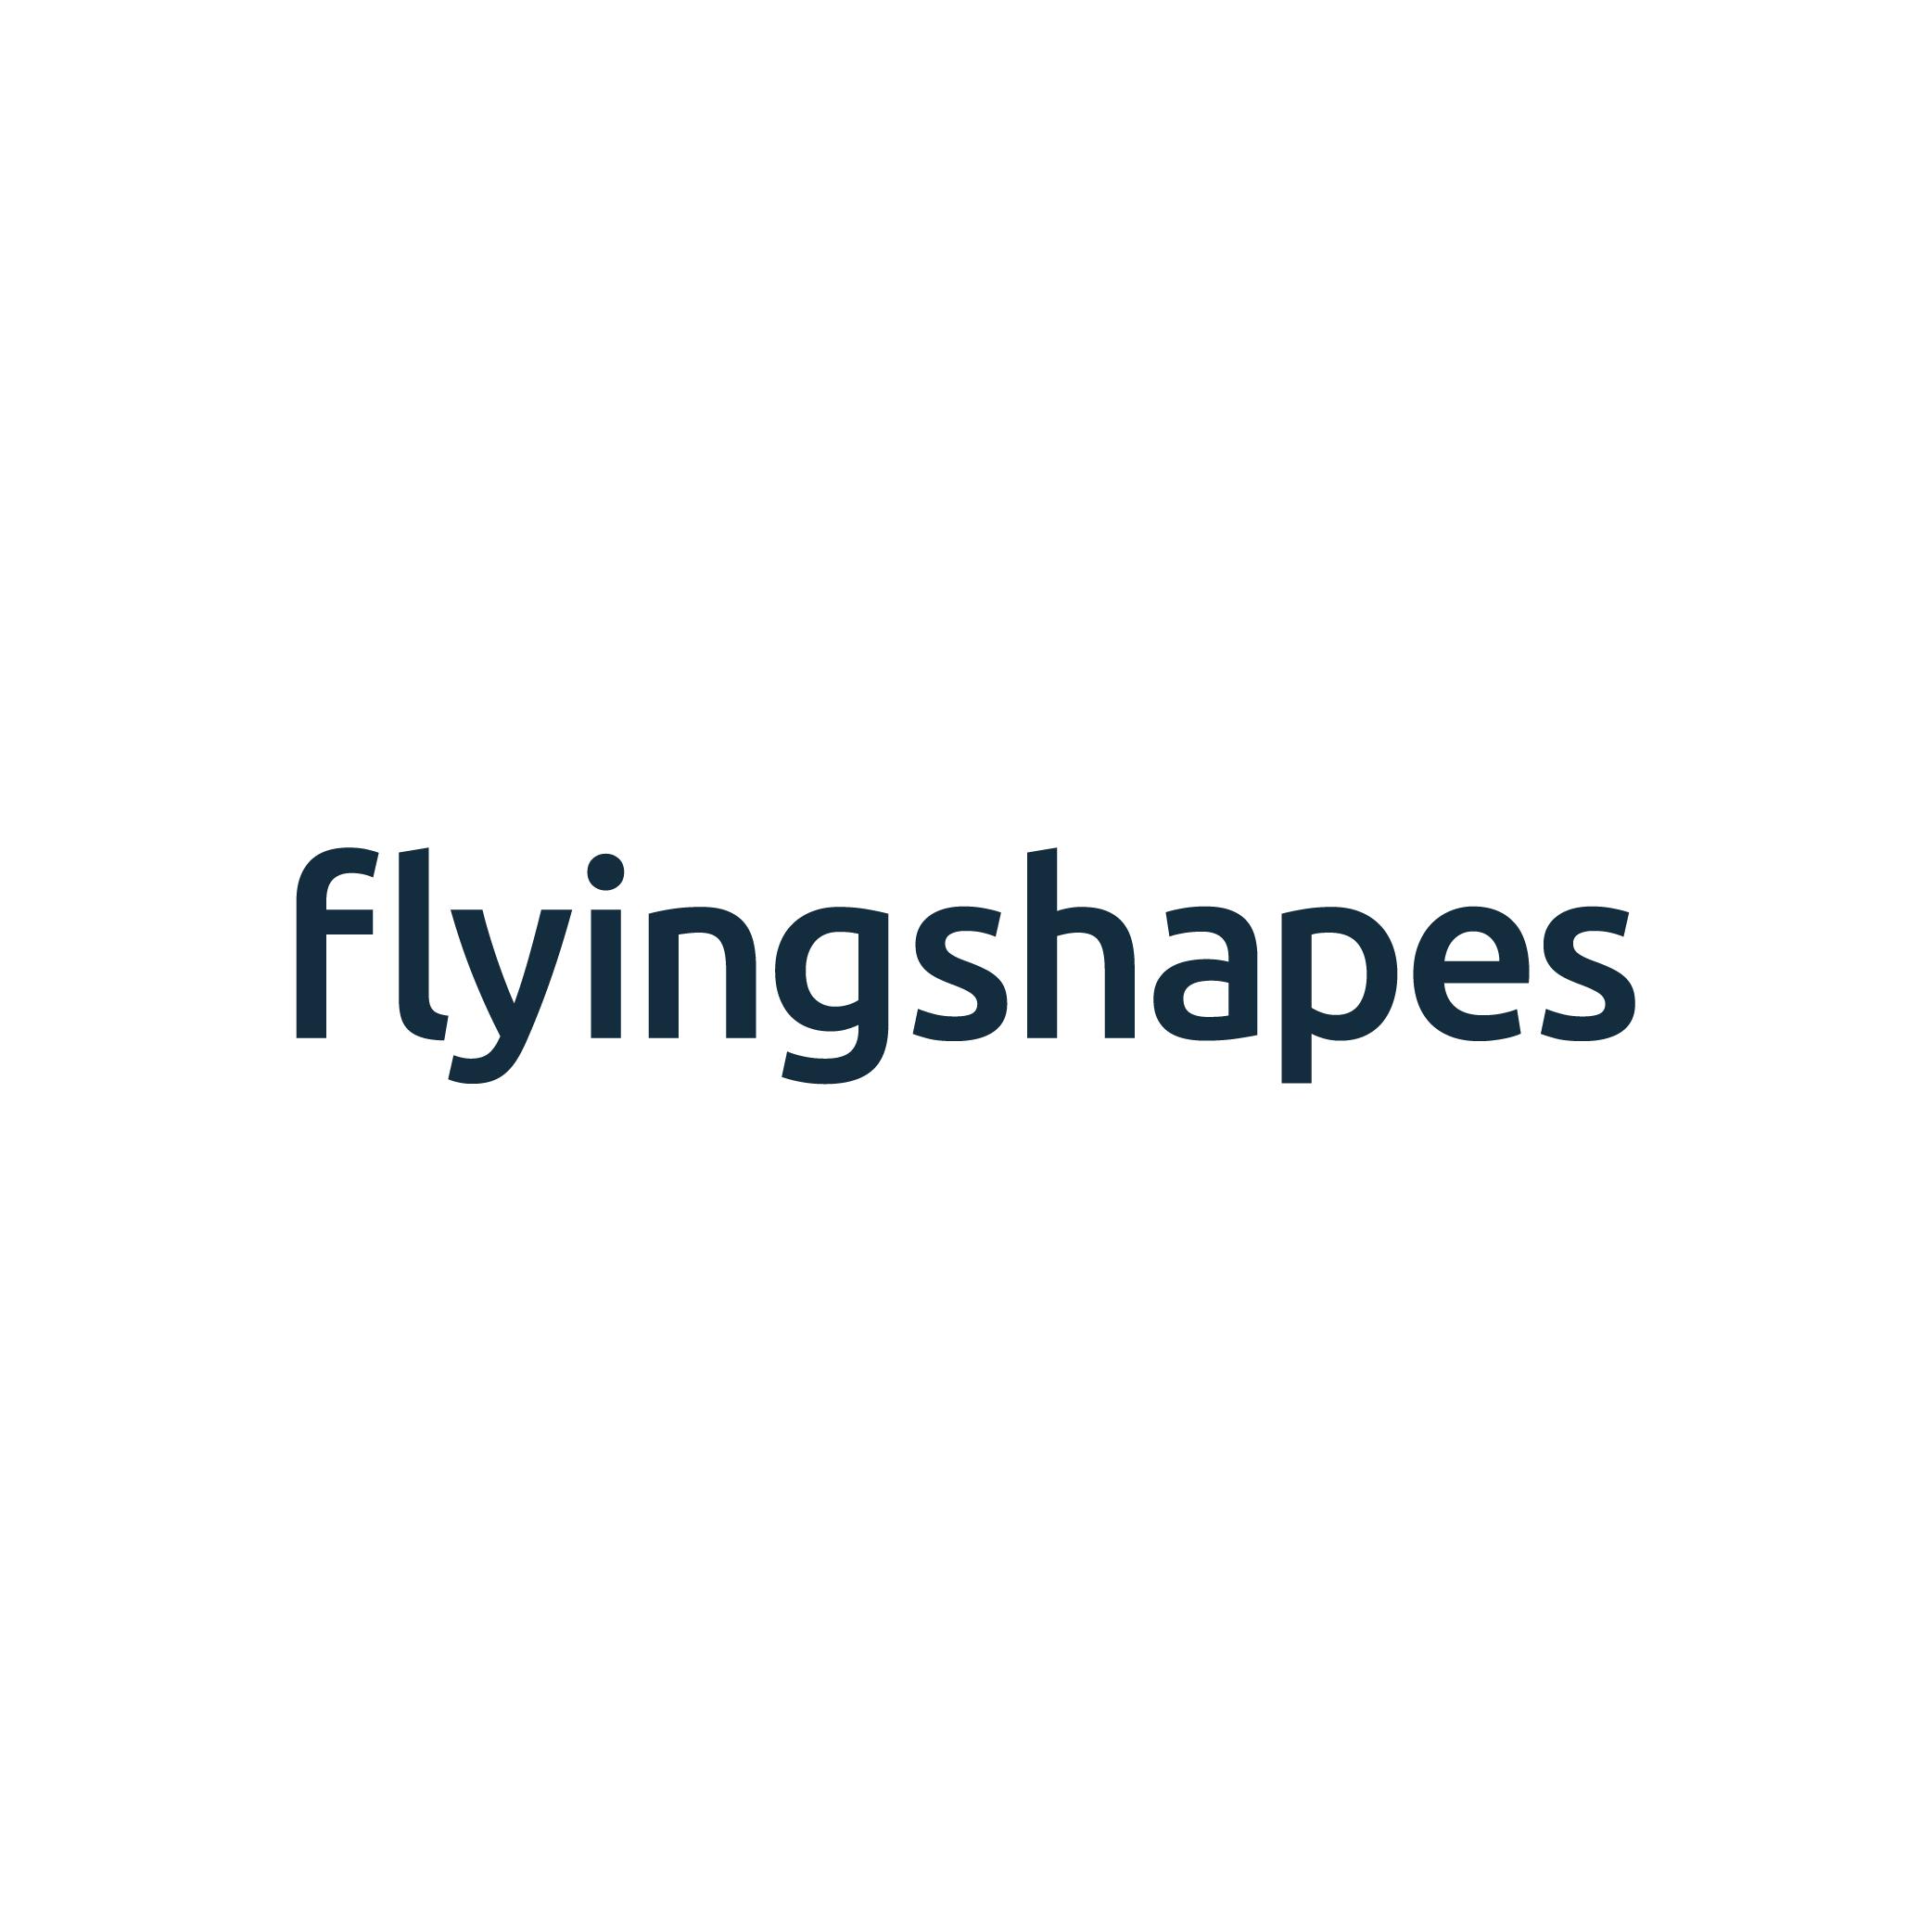 Flyingshapes